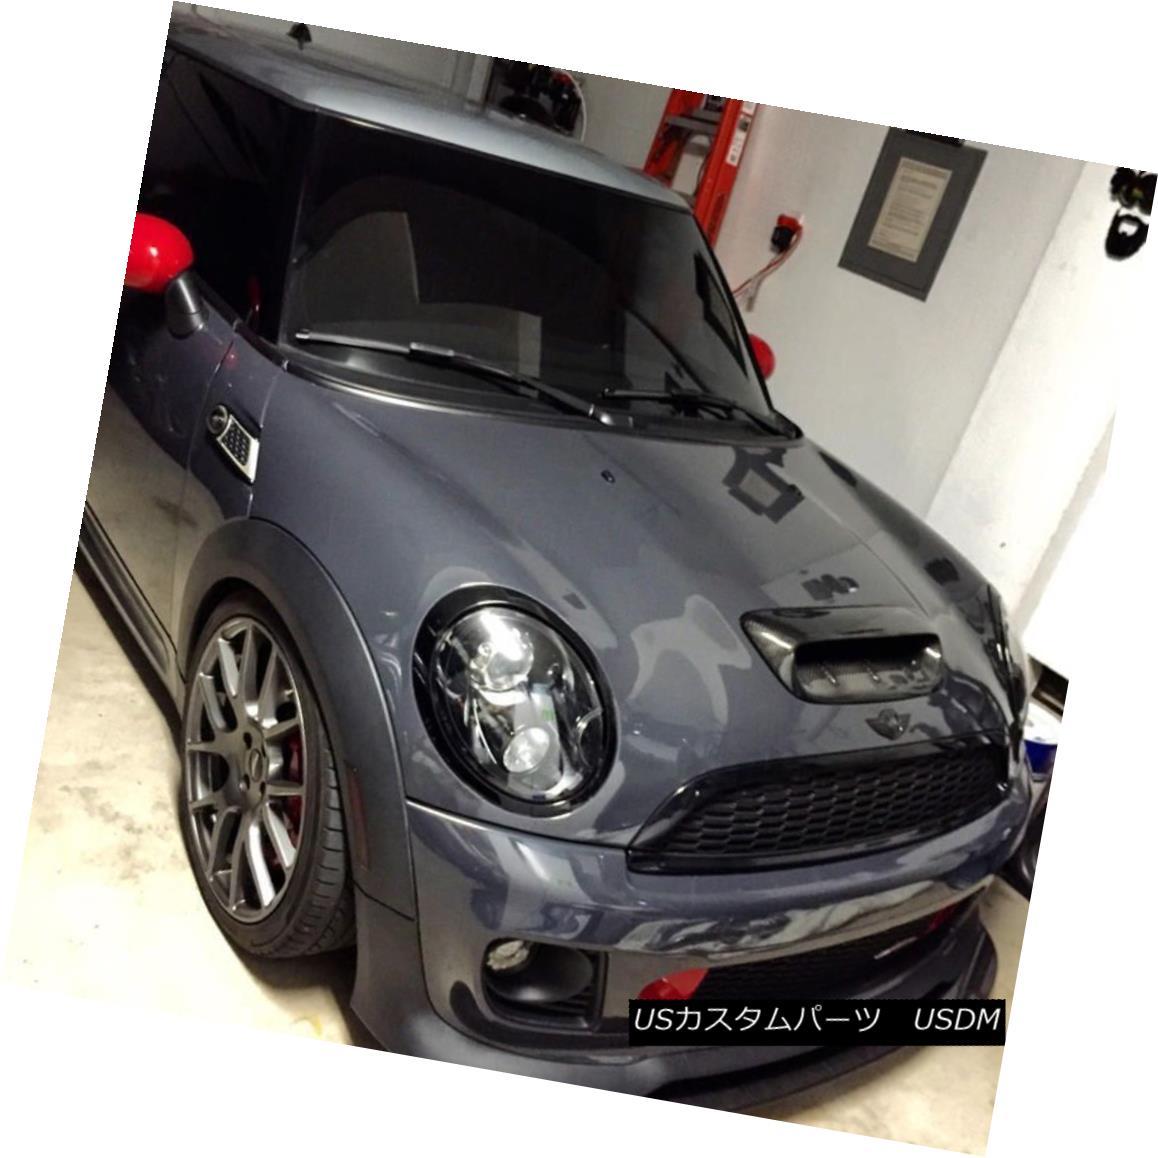 エアロパーツ For Mini Cooper S R56 2007~2014 Type A Hood Scoop Exterior Add on Carbon Fiber ミニクーパーS R56 2007?2014タイプAフードスクープエクステリアカーボンファイバー